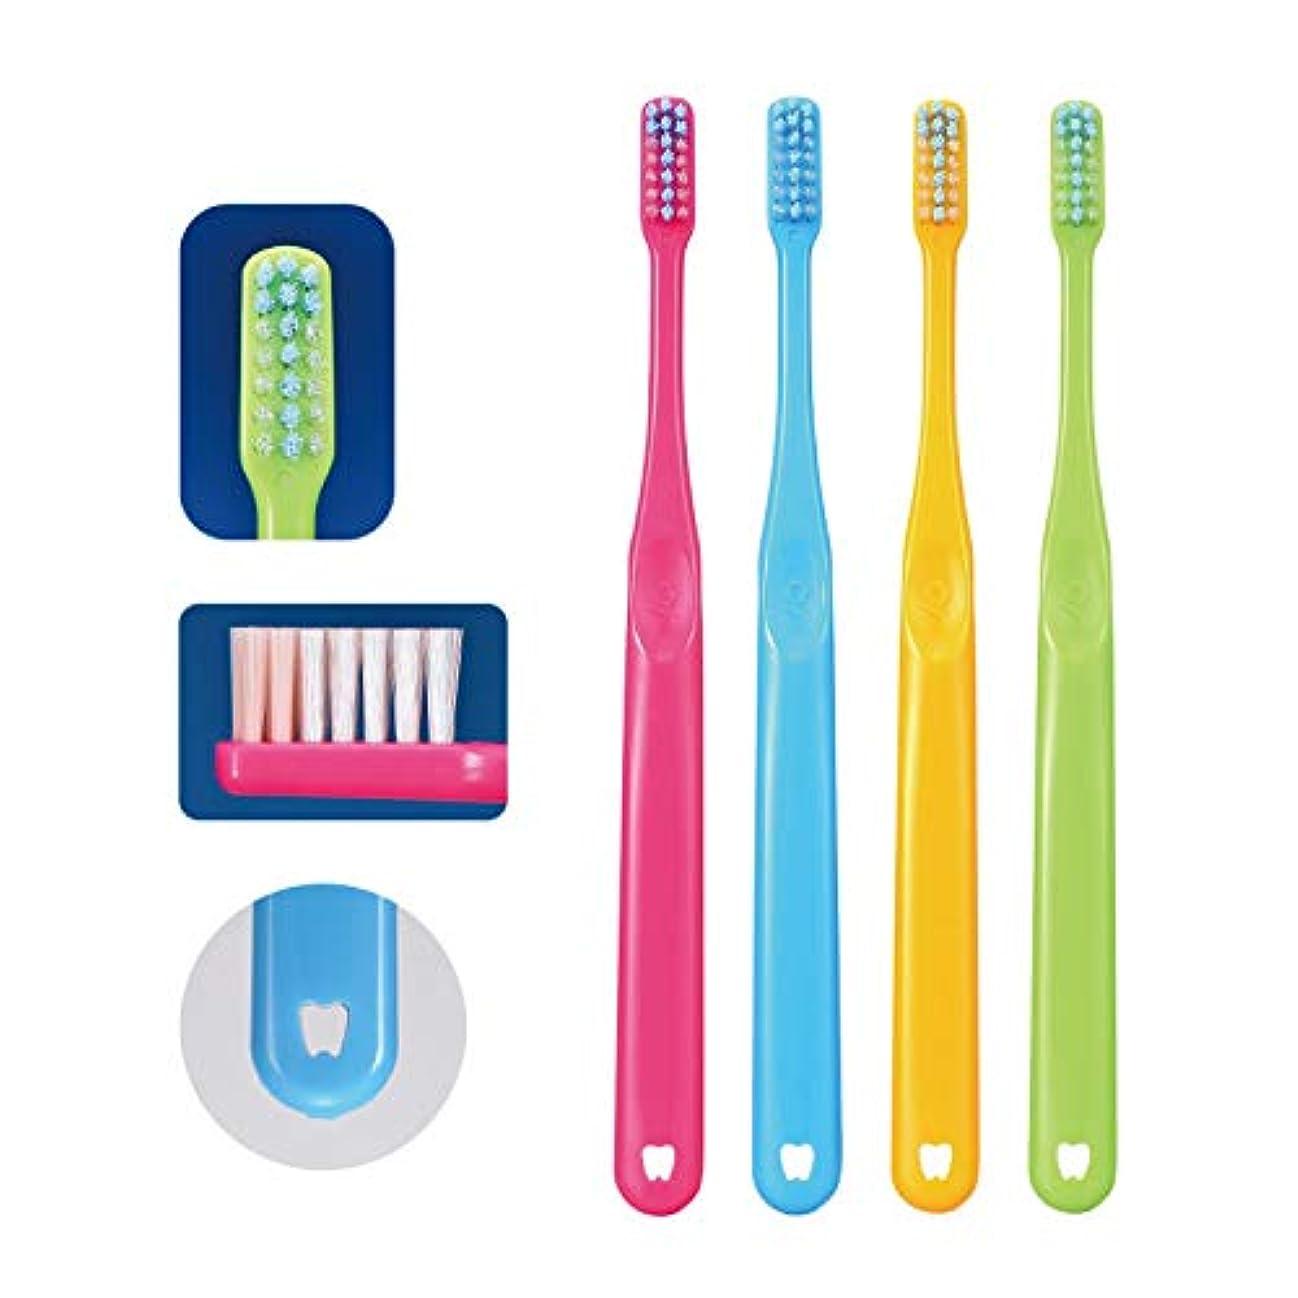 男らしいケープ賢いCi PRO PLUS プロプラス 歯ブラシ 20本 M(ふつう) 日本製 プラーク除去 歯科専売品